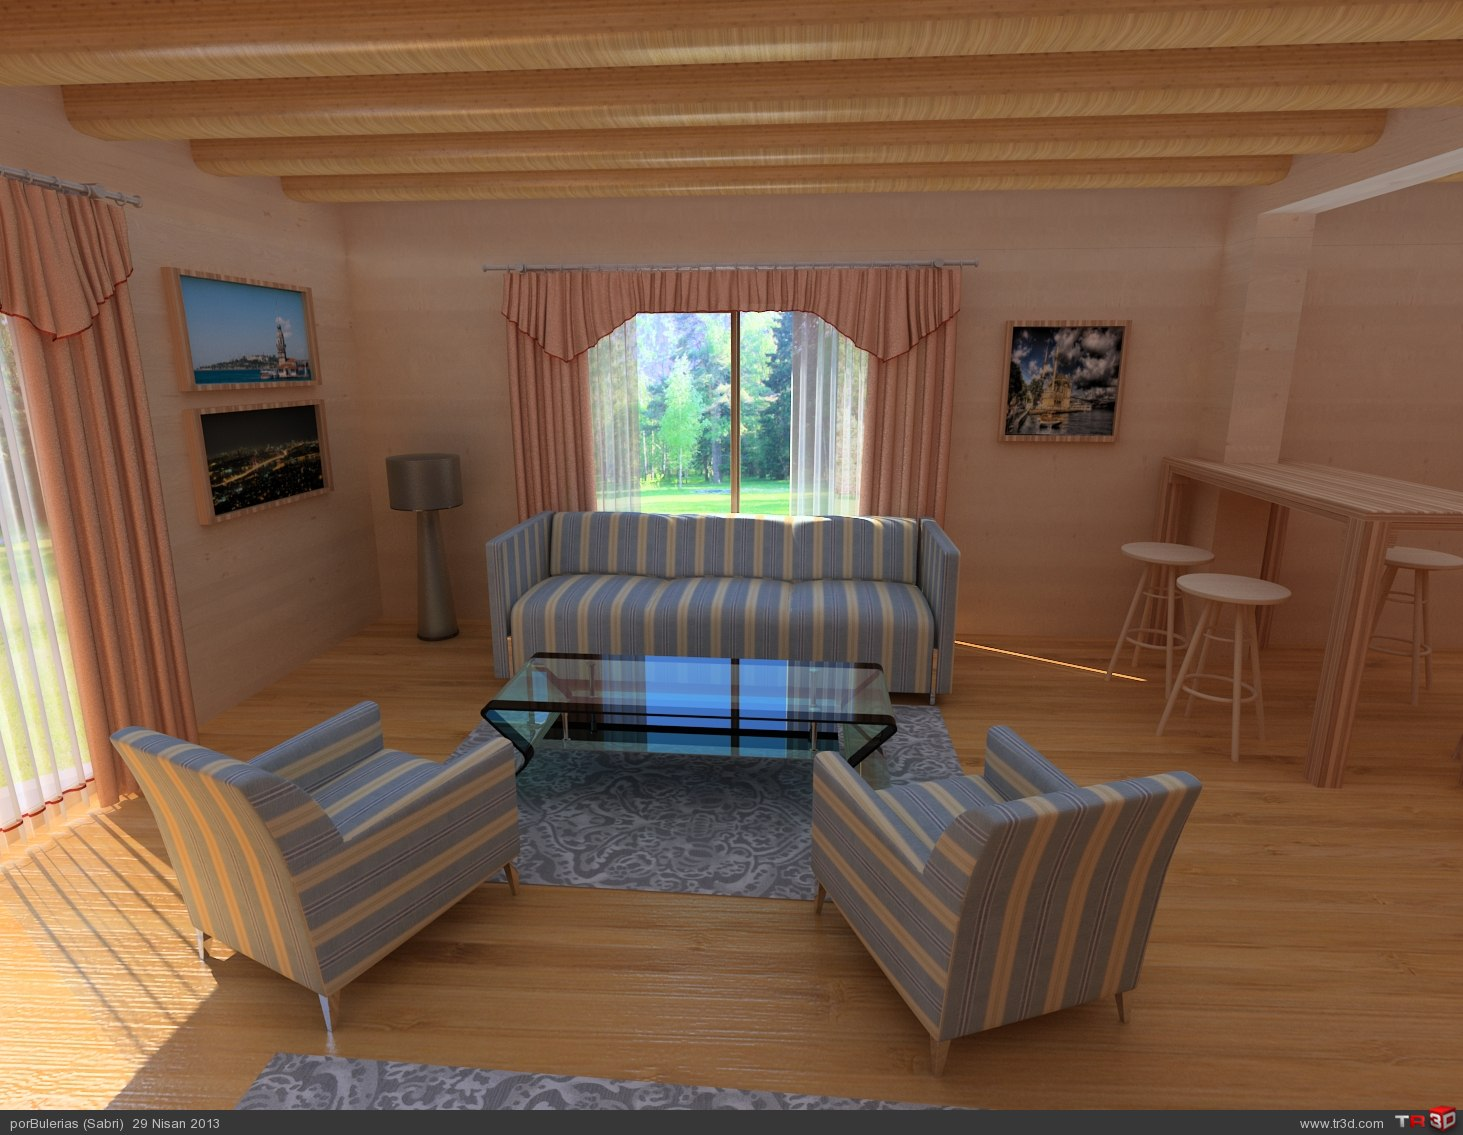 Ahşap ev / Wooden house